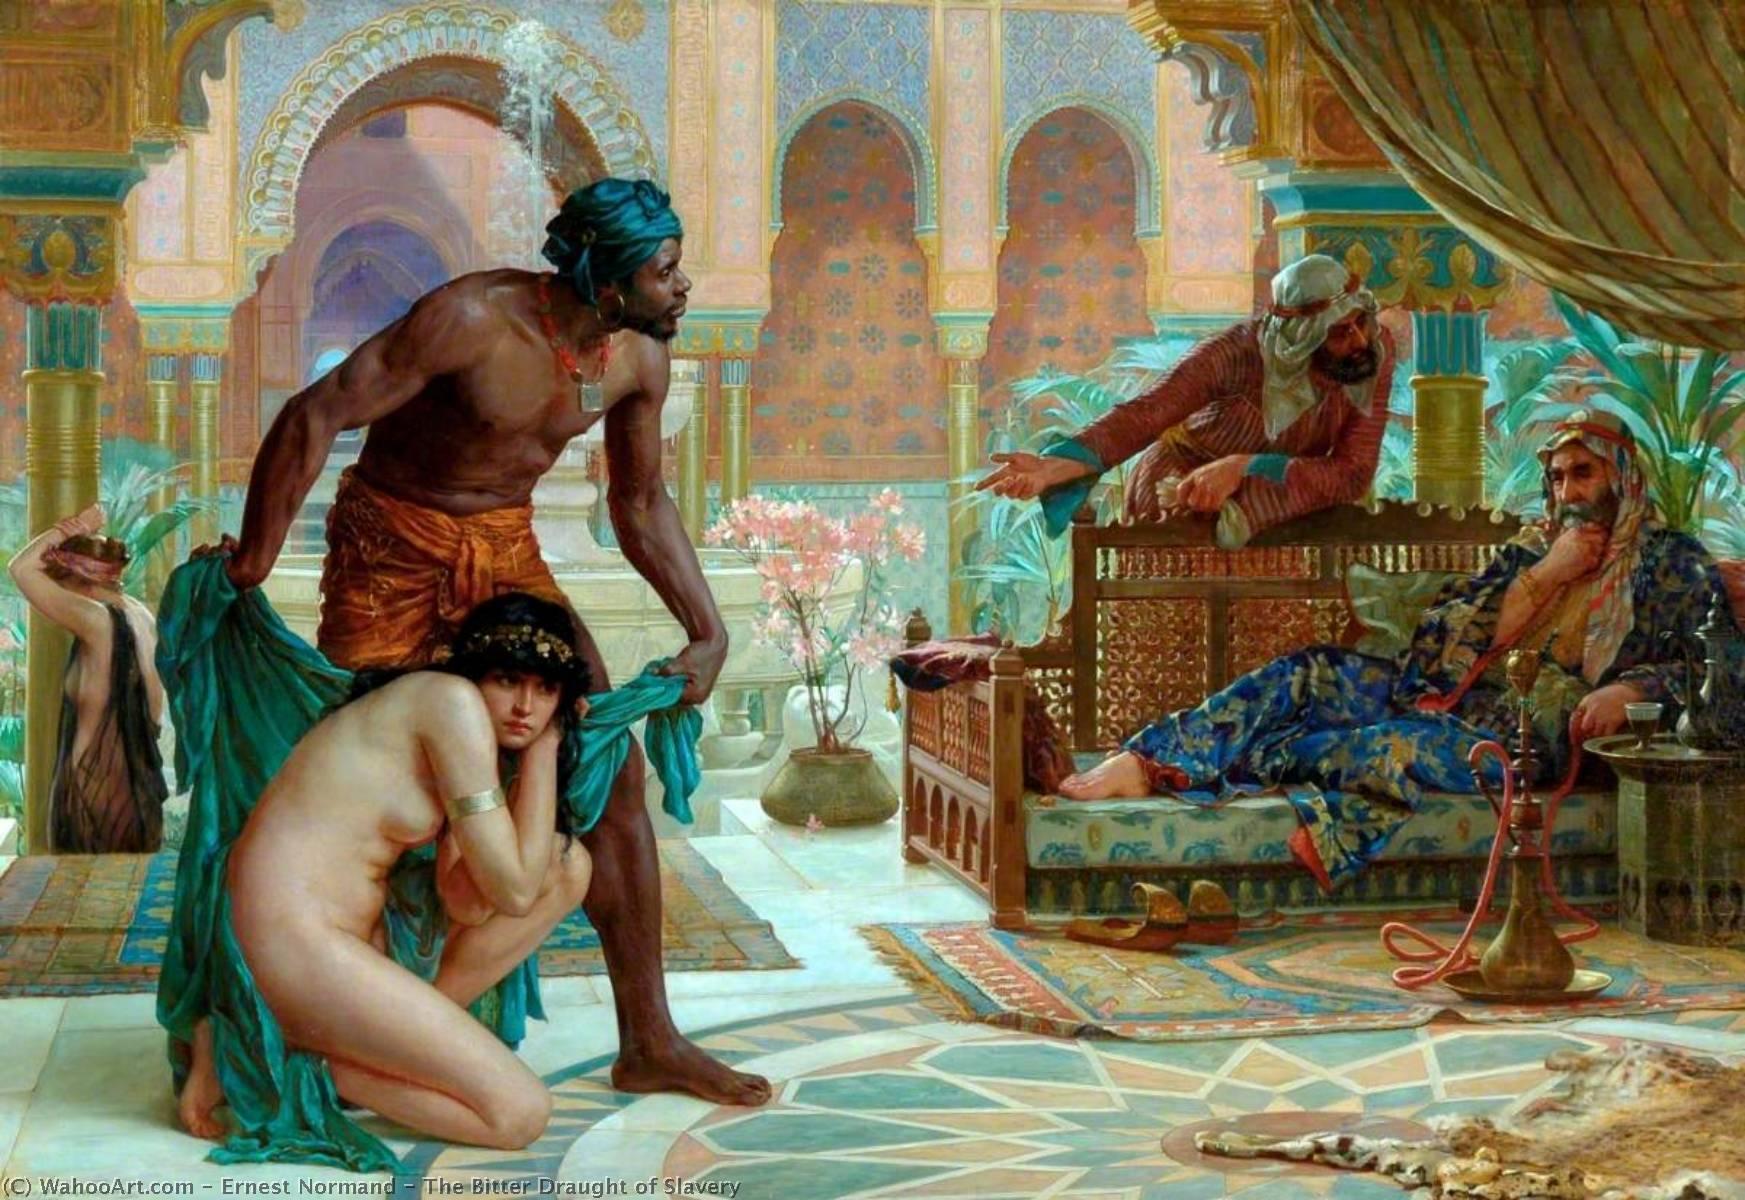 едкий проект рабства 1885 года Эрнеста Норманда (1857-1923) |  Репродукции Эрнеста Нормана |  WahooArt.com